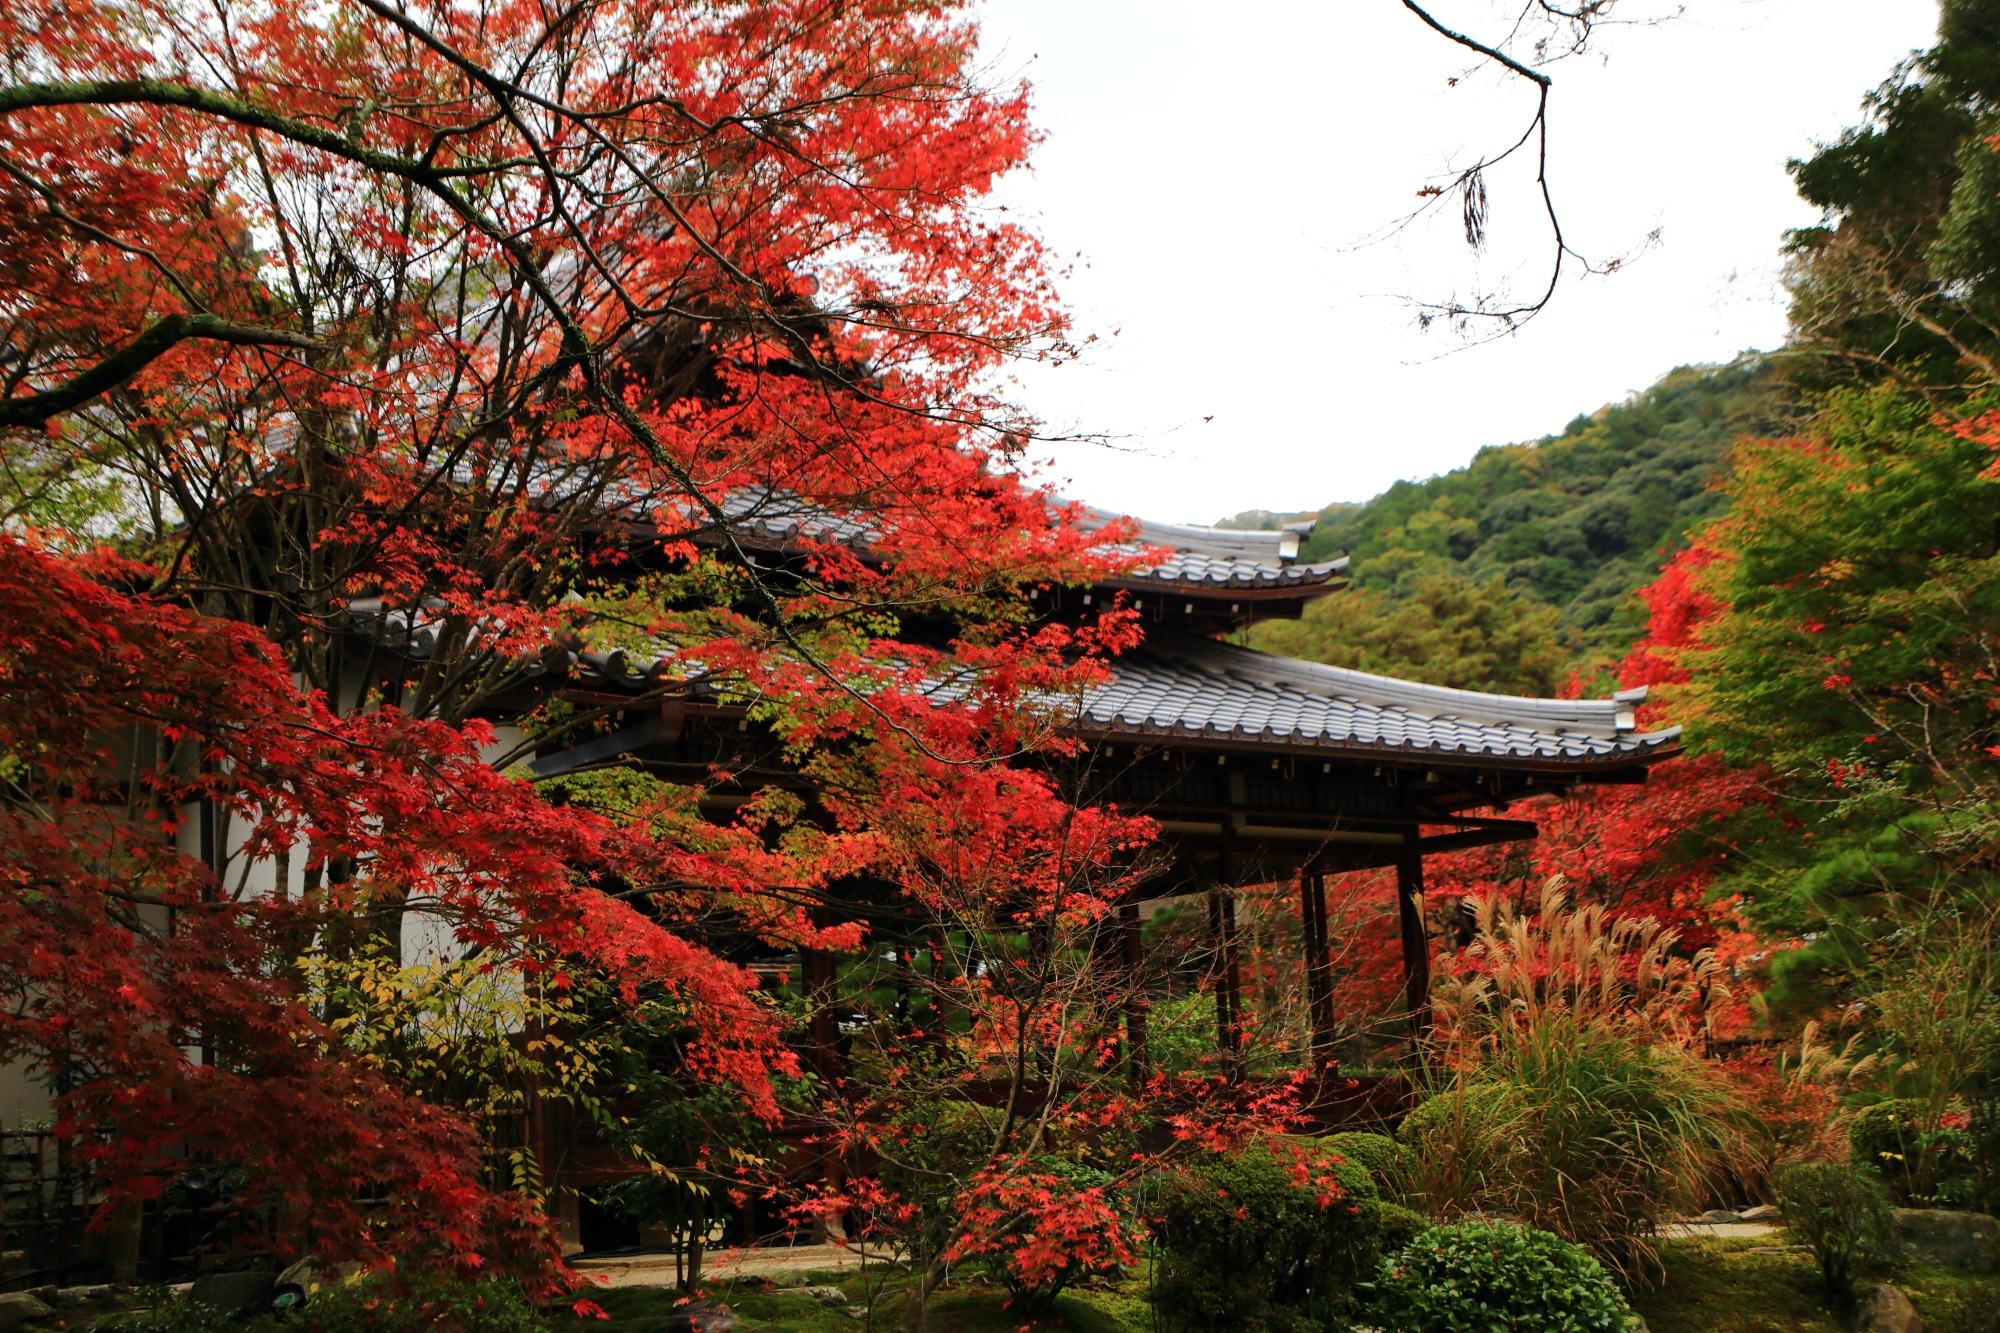 風情ある秋色に染まる天授庵と庭園を華やぐススキ